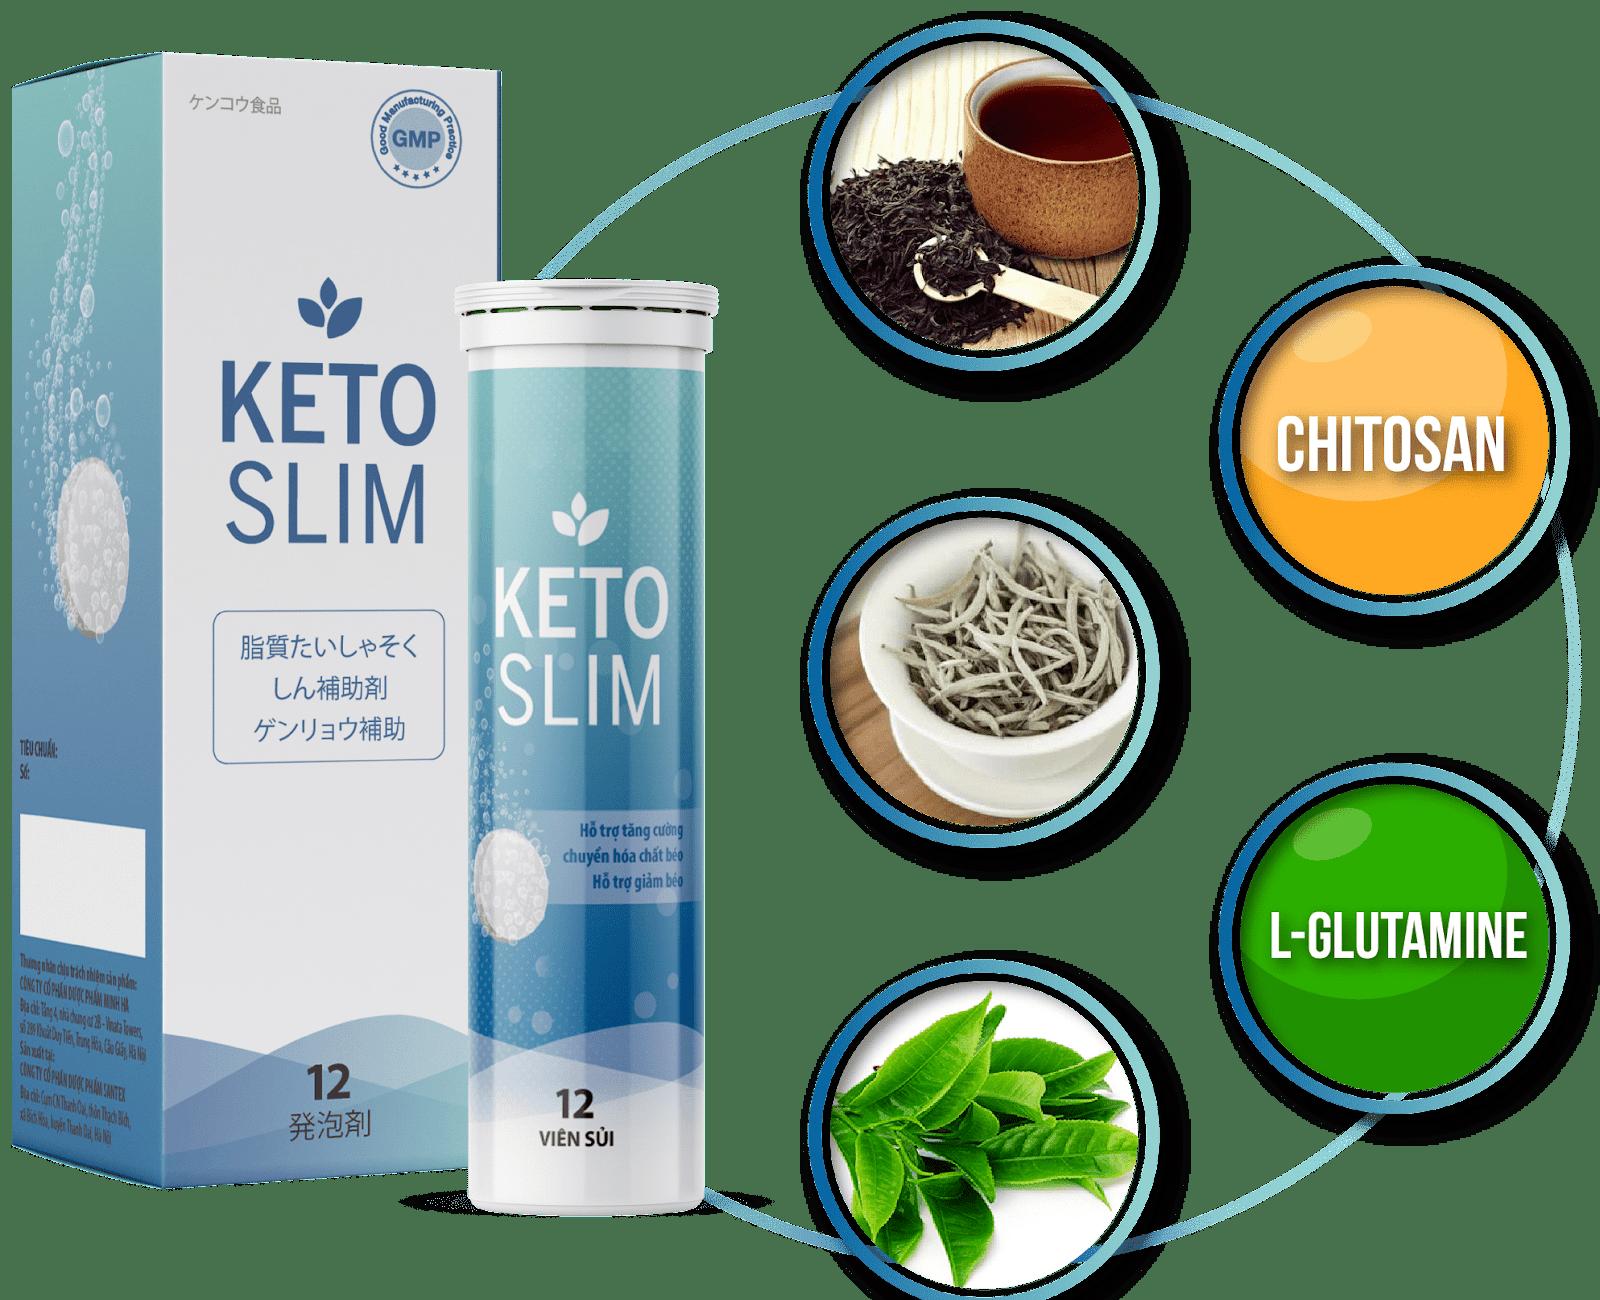 Thế mạnh của viên sủi giảm cân Keto Slim mà bạn không nên bỏ qua